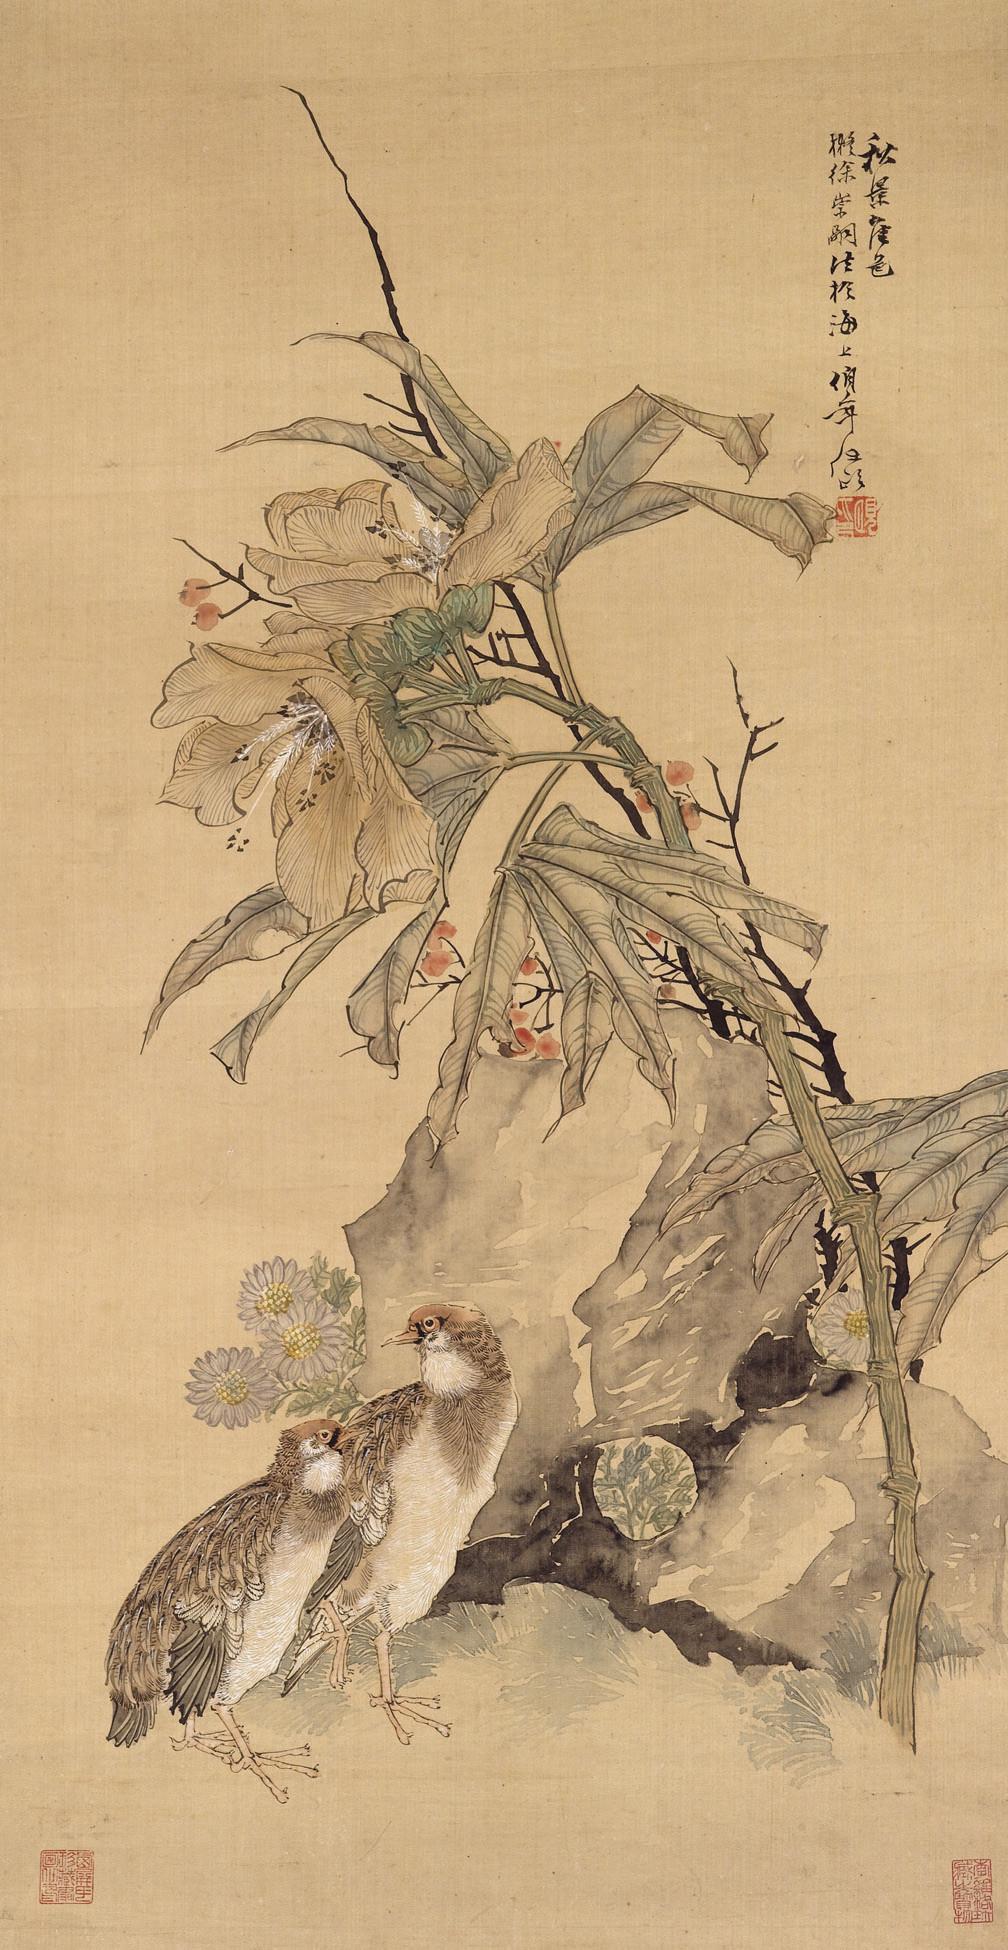 REN YI (1840-1895)